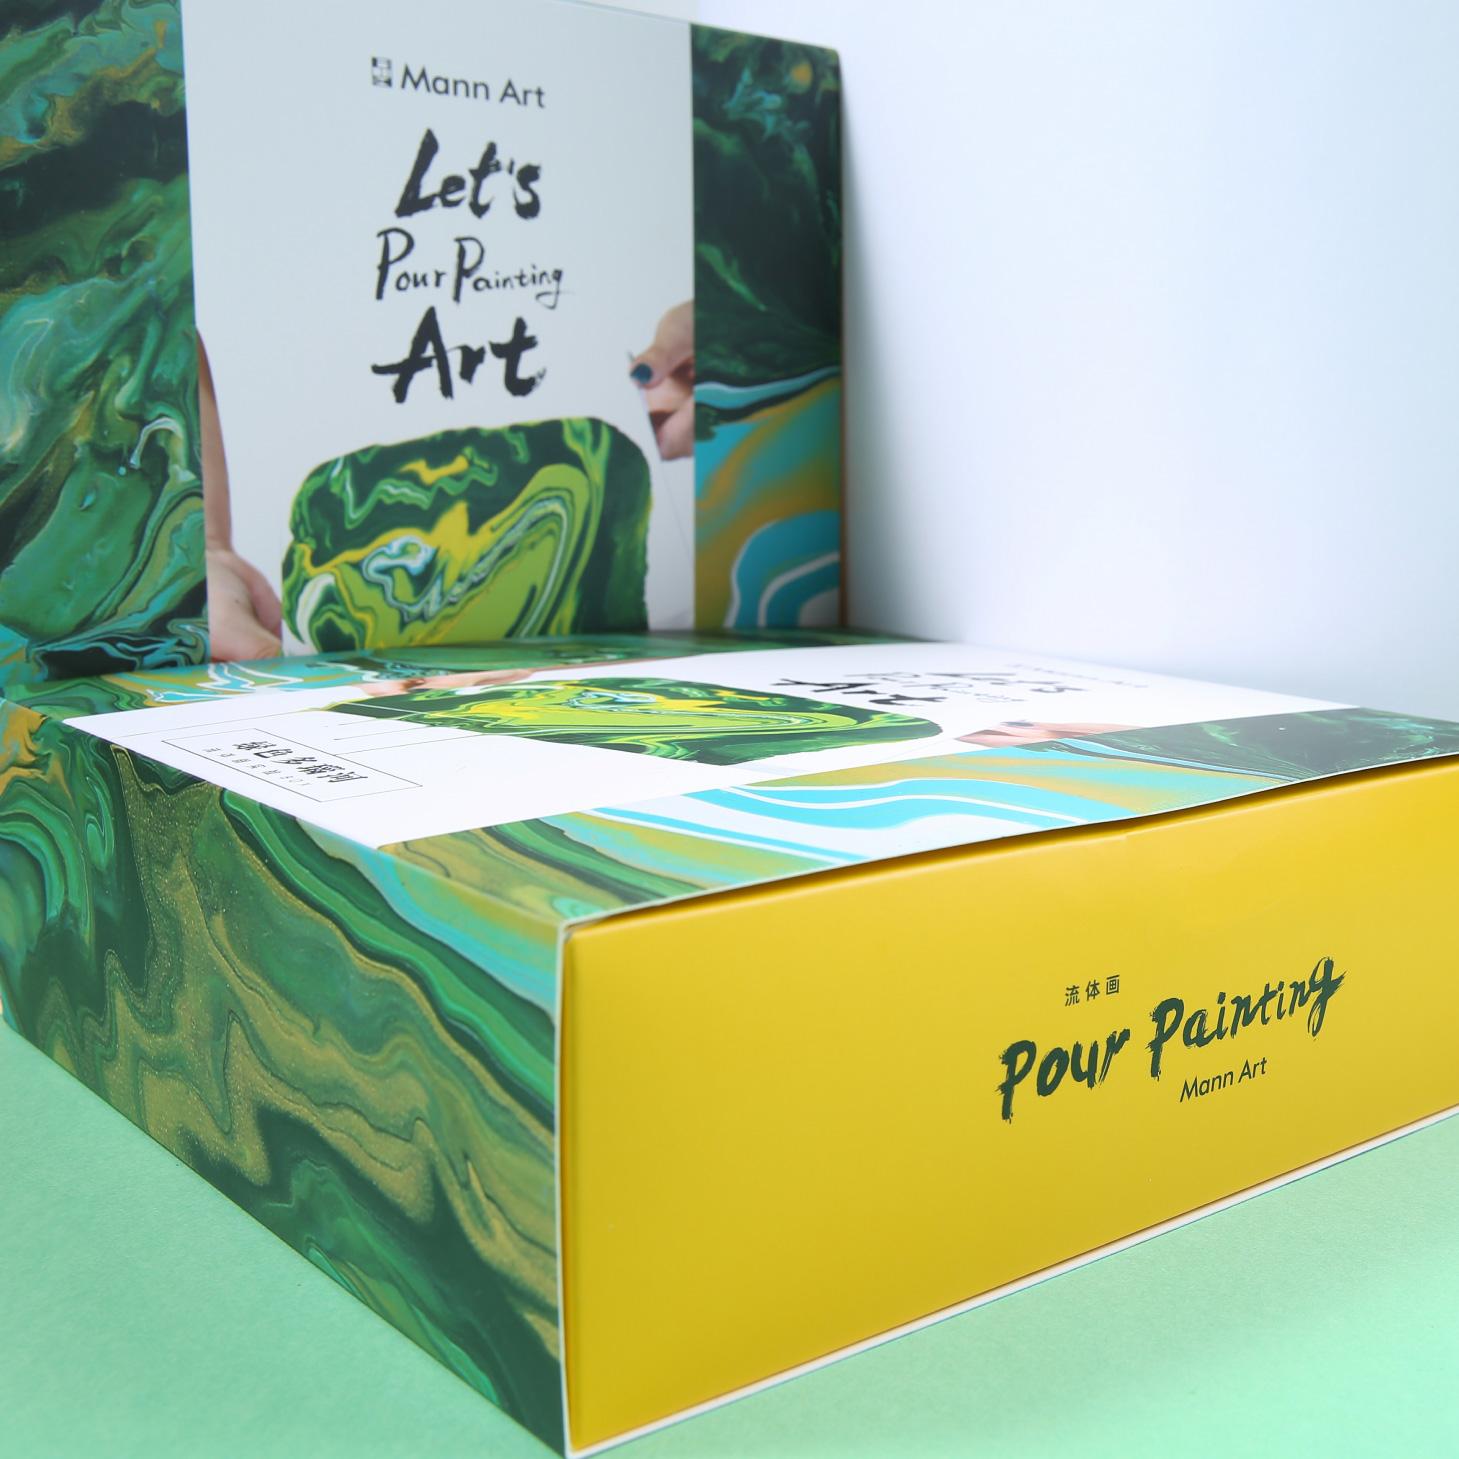 MannArt流体画手工DIY数字油画创意美术礼品盒 商品图3